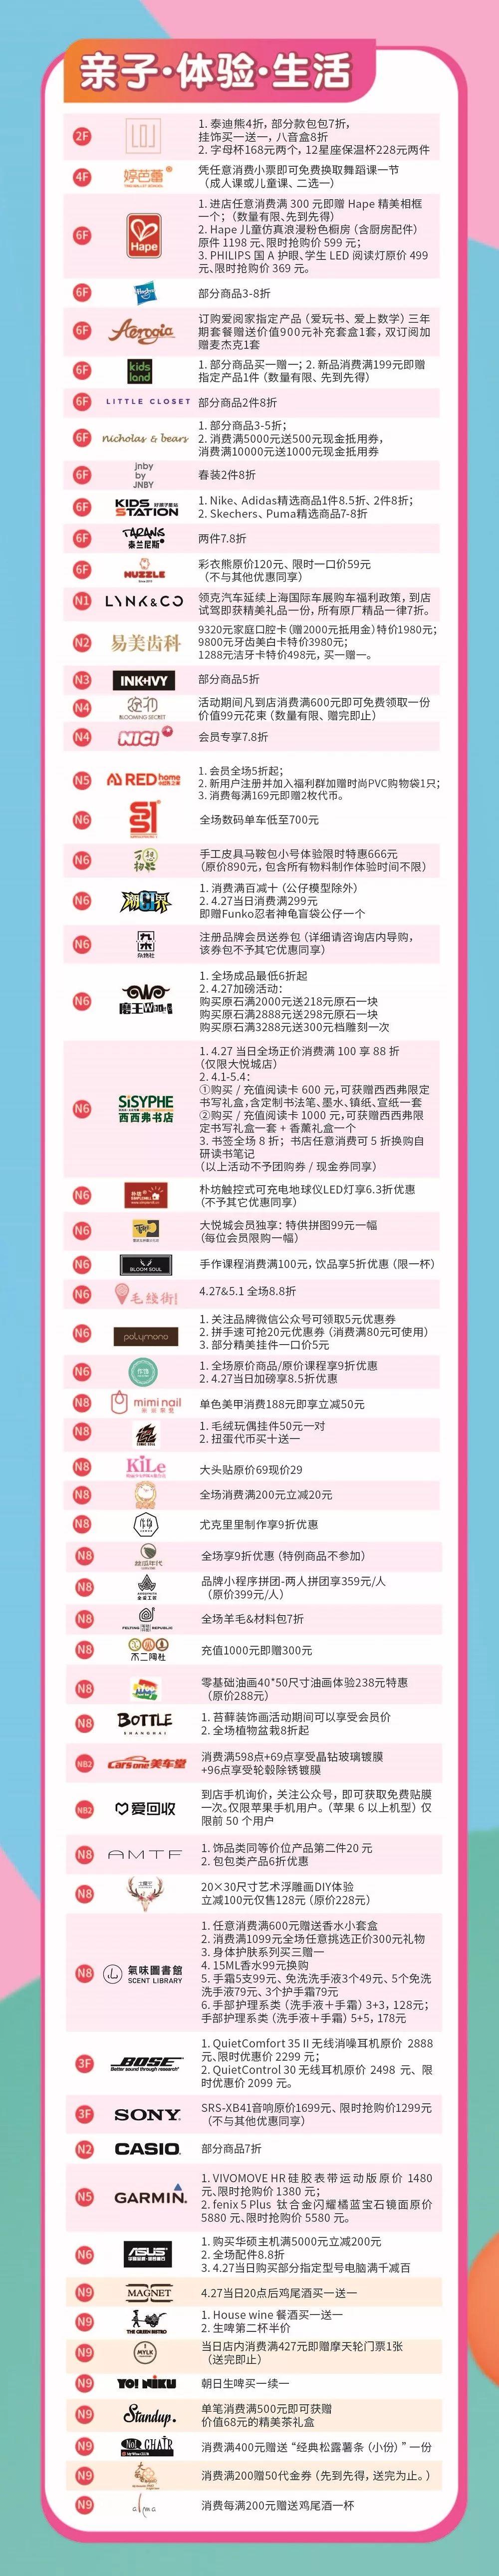 上海静安大悦城2019嗨新节及五一优惠折扣